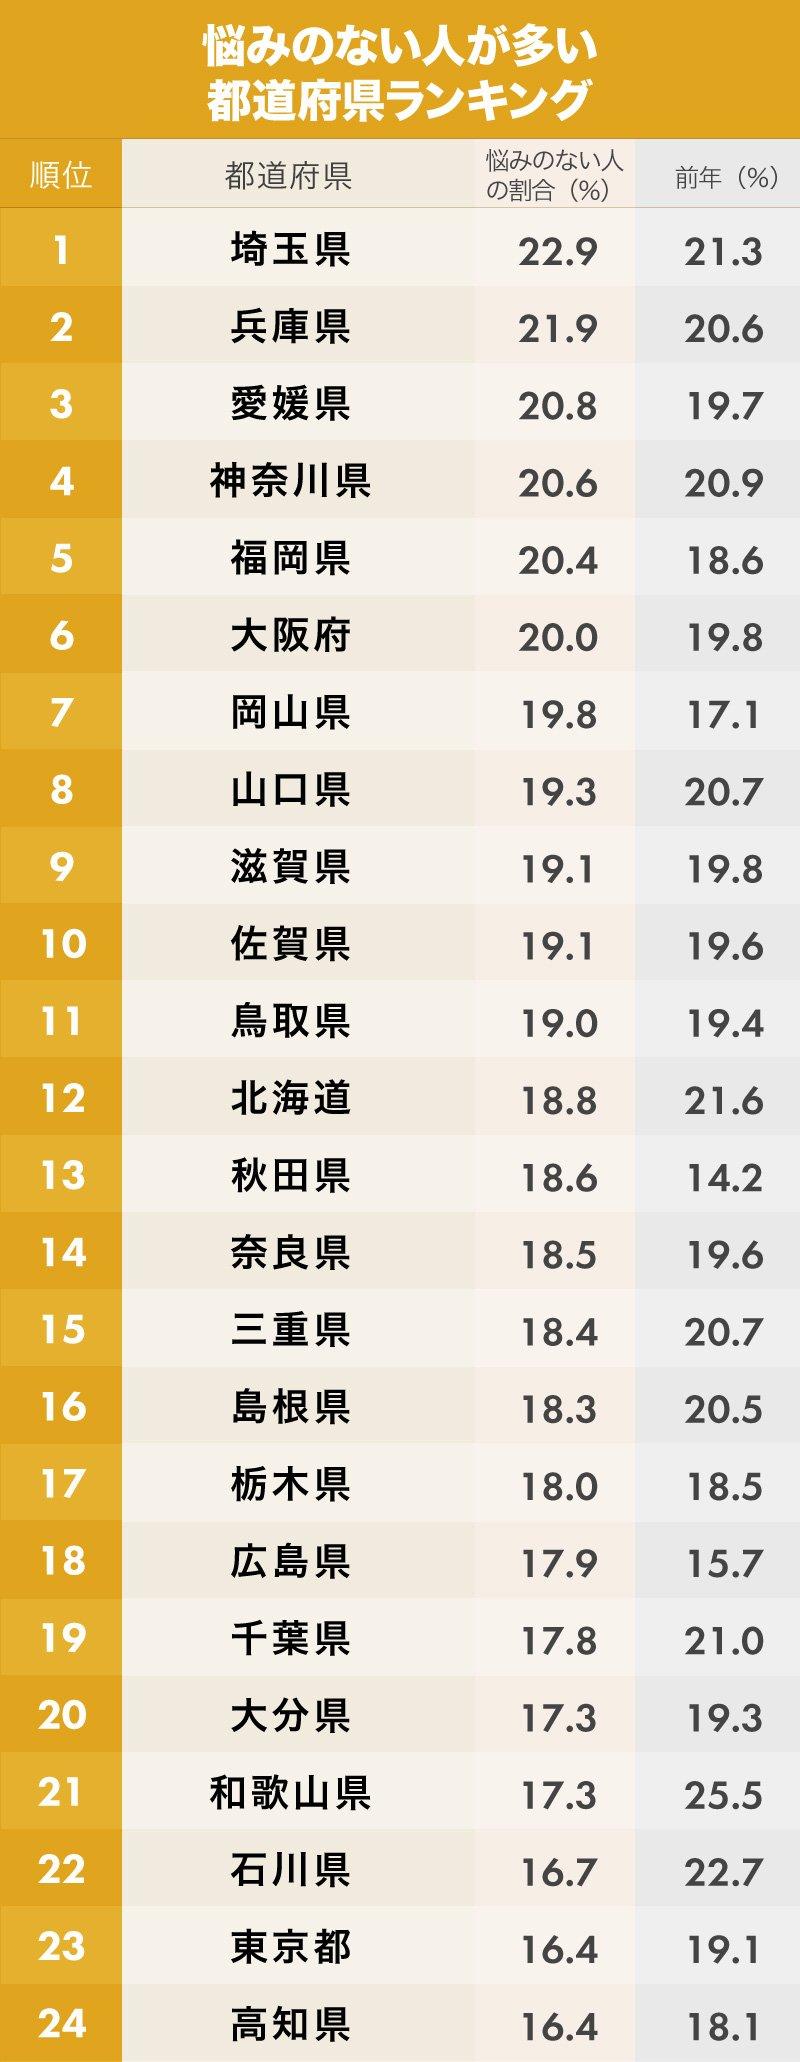 悩みのない人が多い都道府県ランキング1位~24位